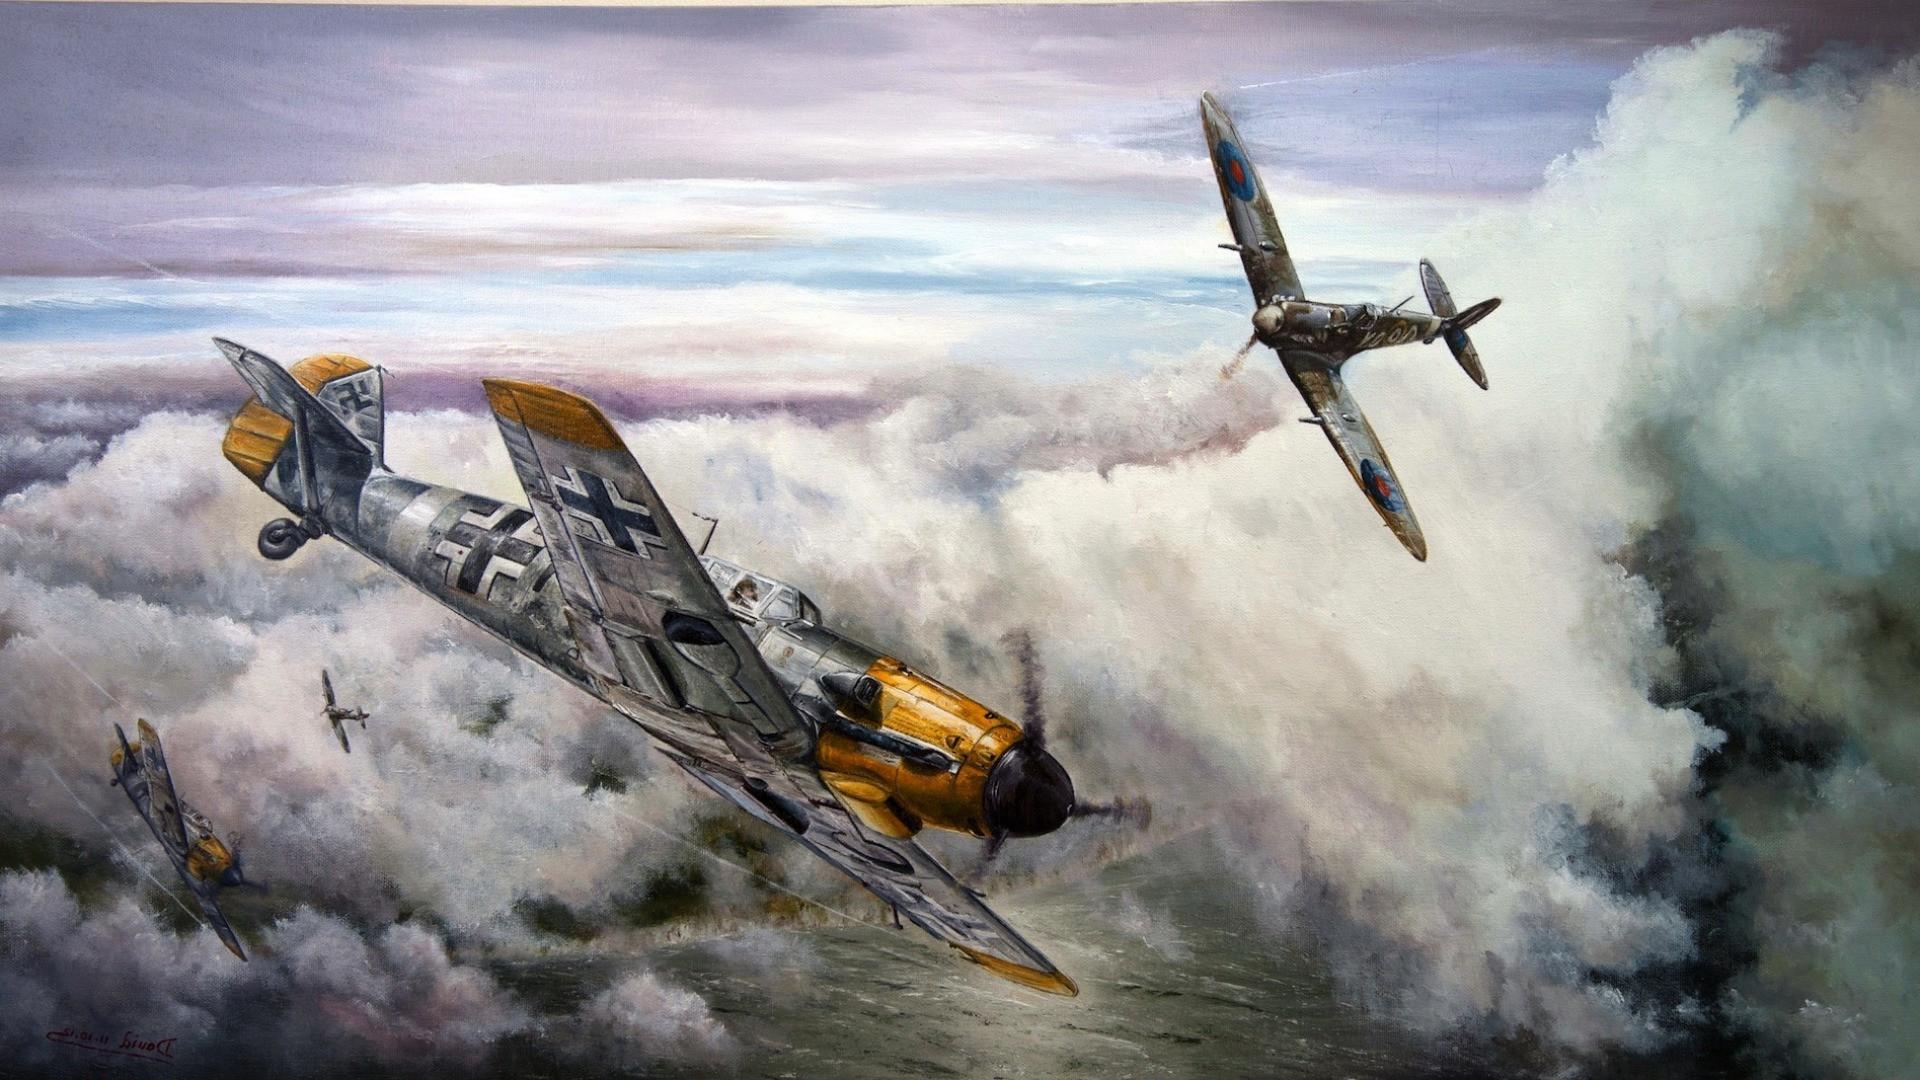 Messerschmitt, Messerschmitt Bf 109, World War II, Germany, Military  Aircraft, Luftwaffe Wallpapers HD / Desktop and Mobile Backgrounds